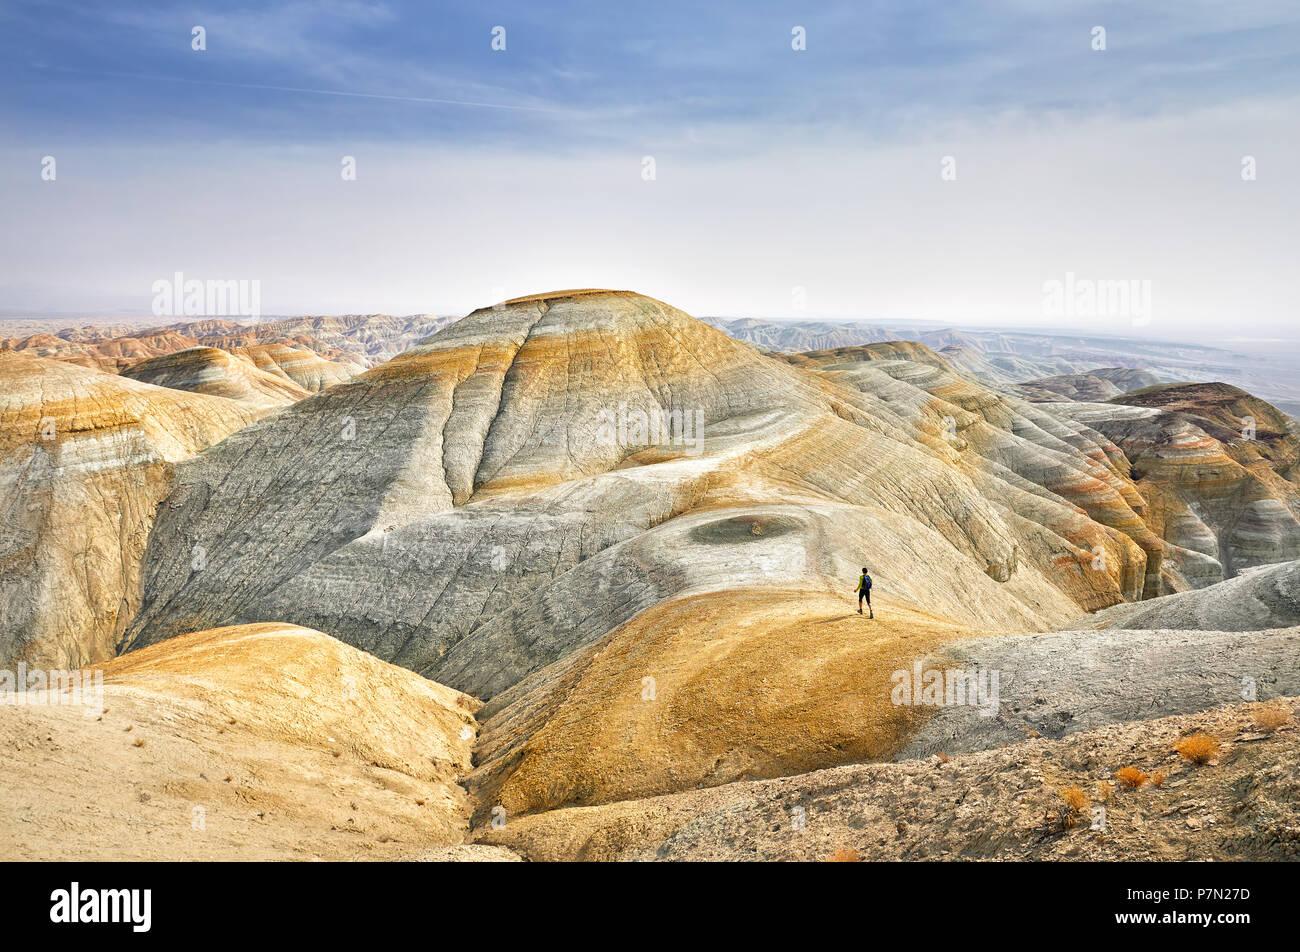 Touristische Wandern am Trail Auf surreale gelben Berge im Desert Park Altyn Emel in Kasachstan Stockbild